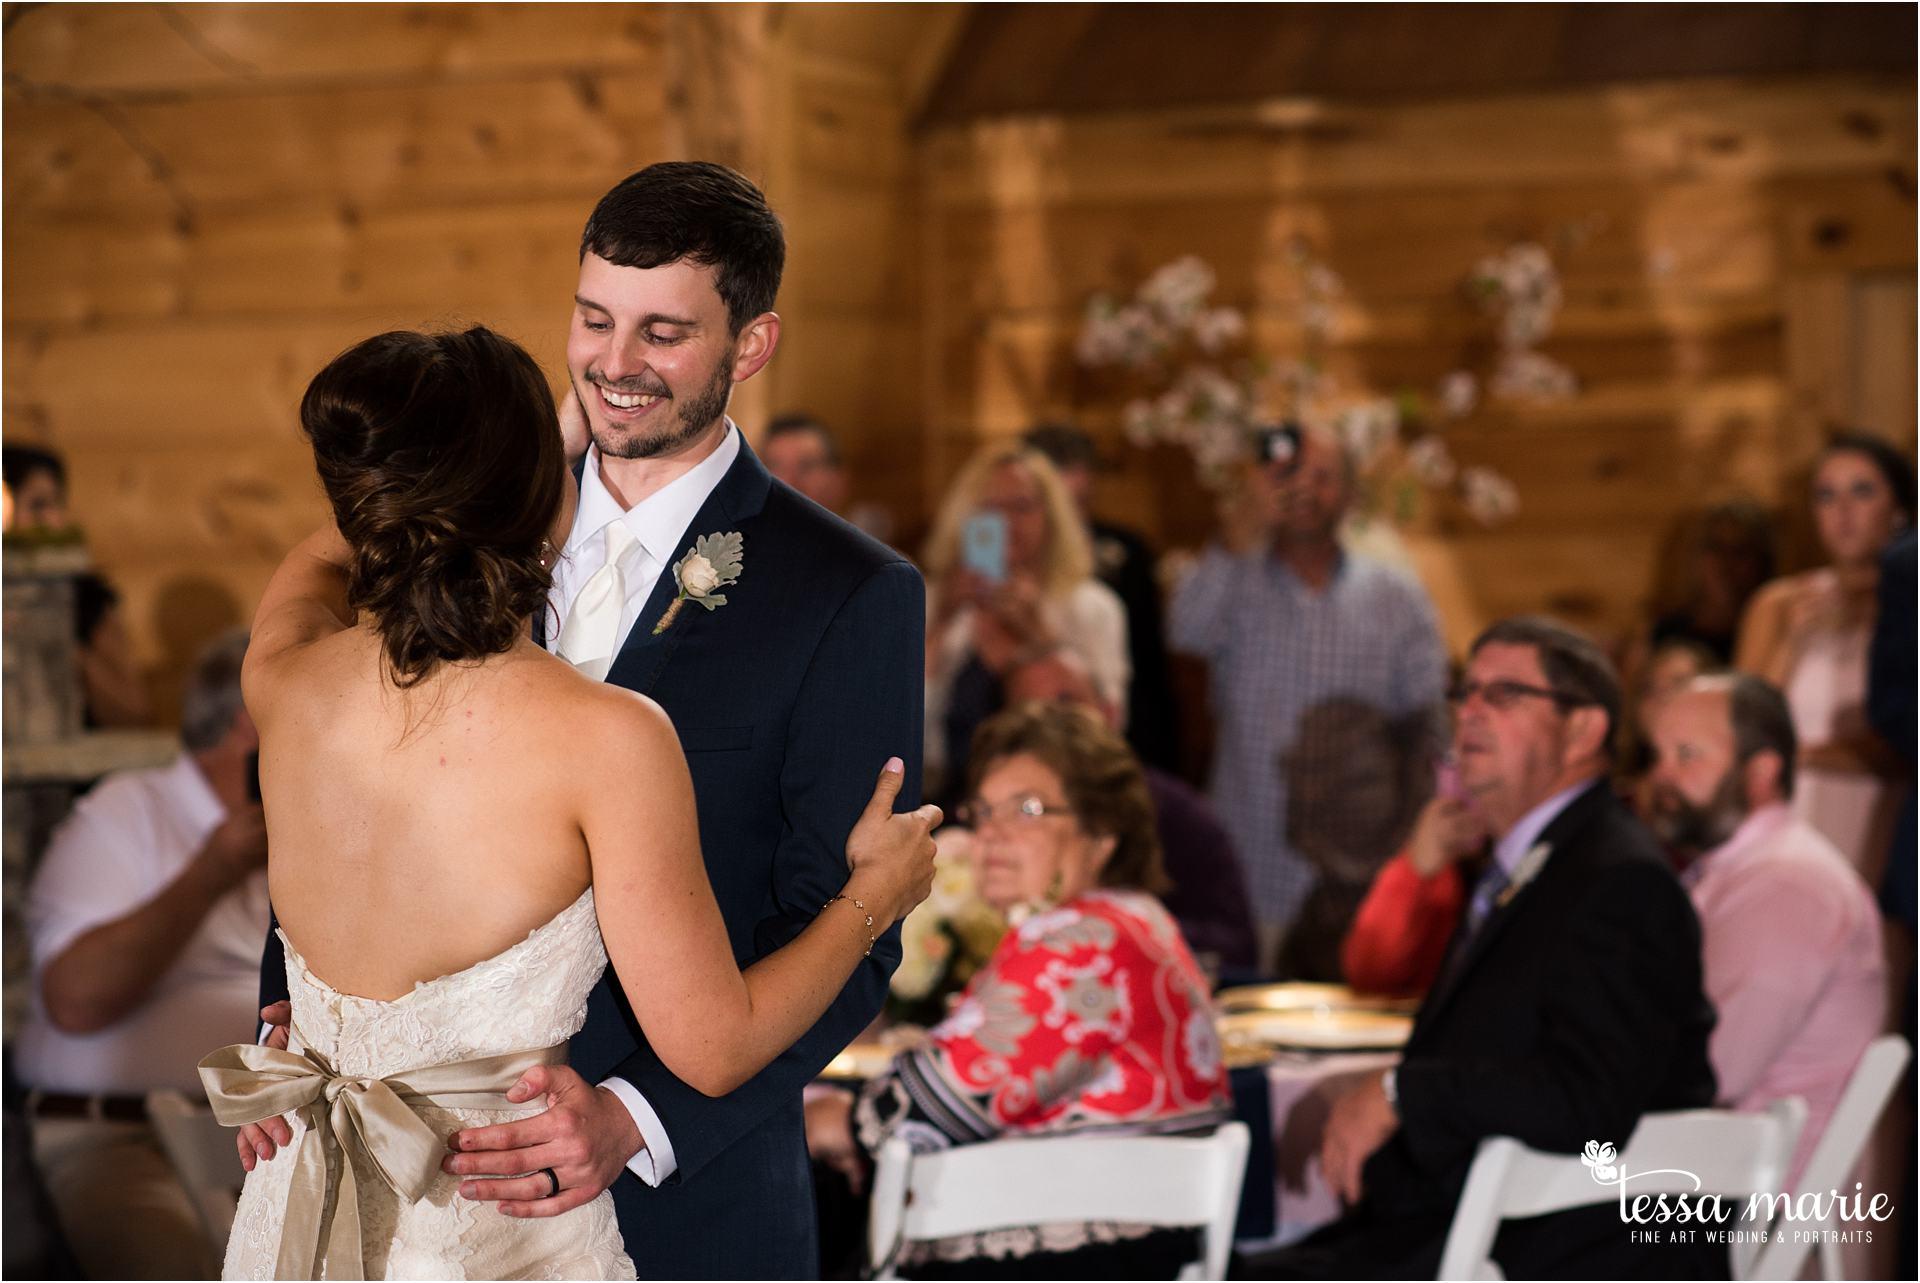 032216_brittany_kevin_wedding-156